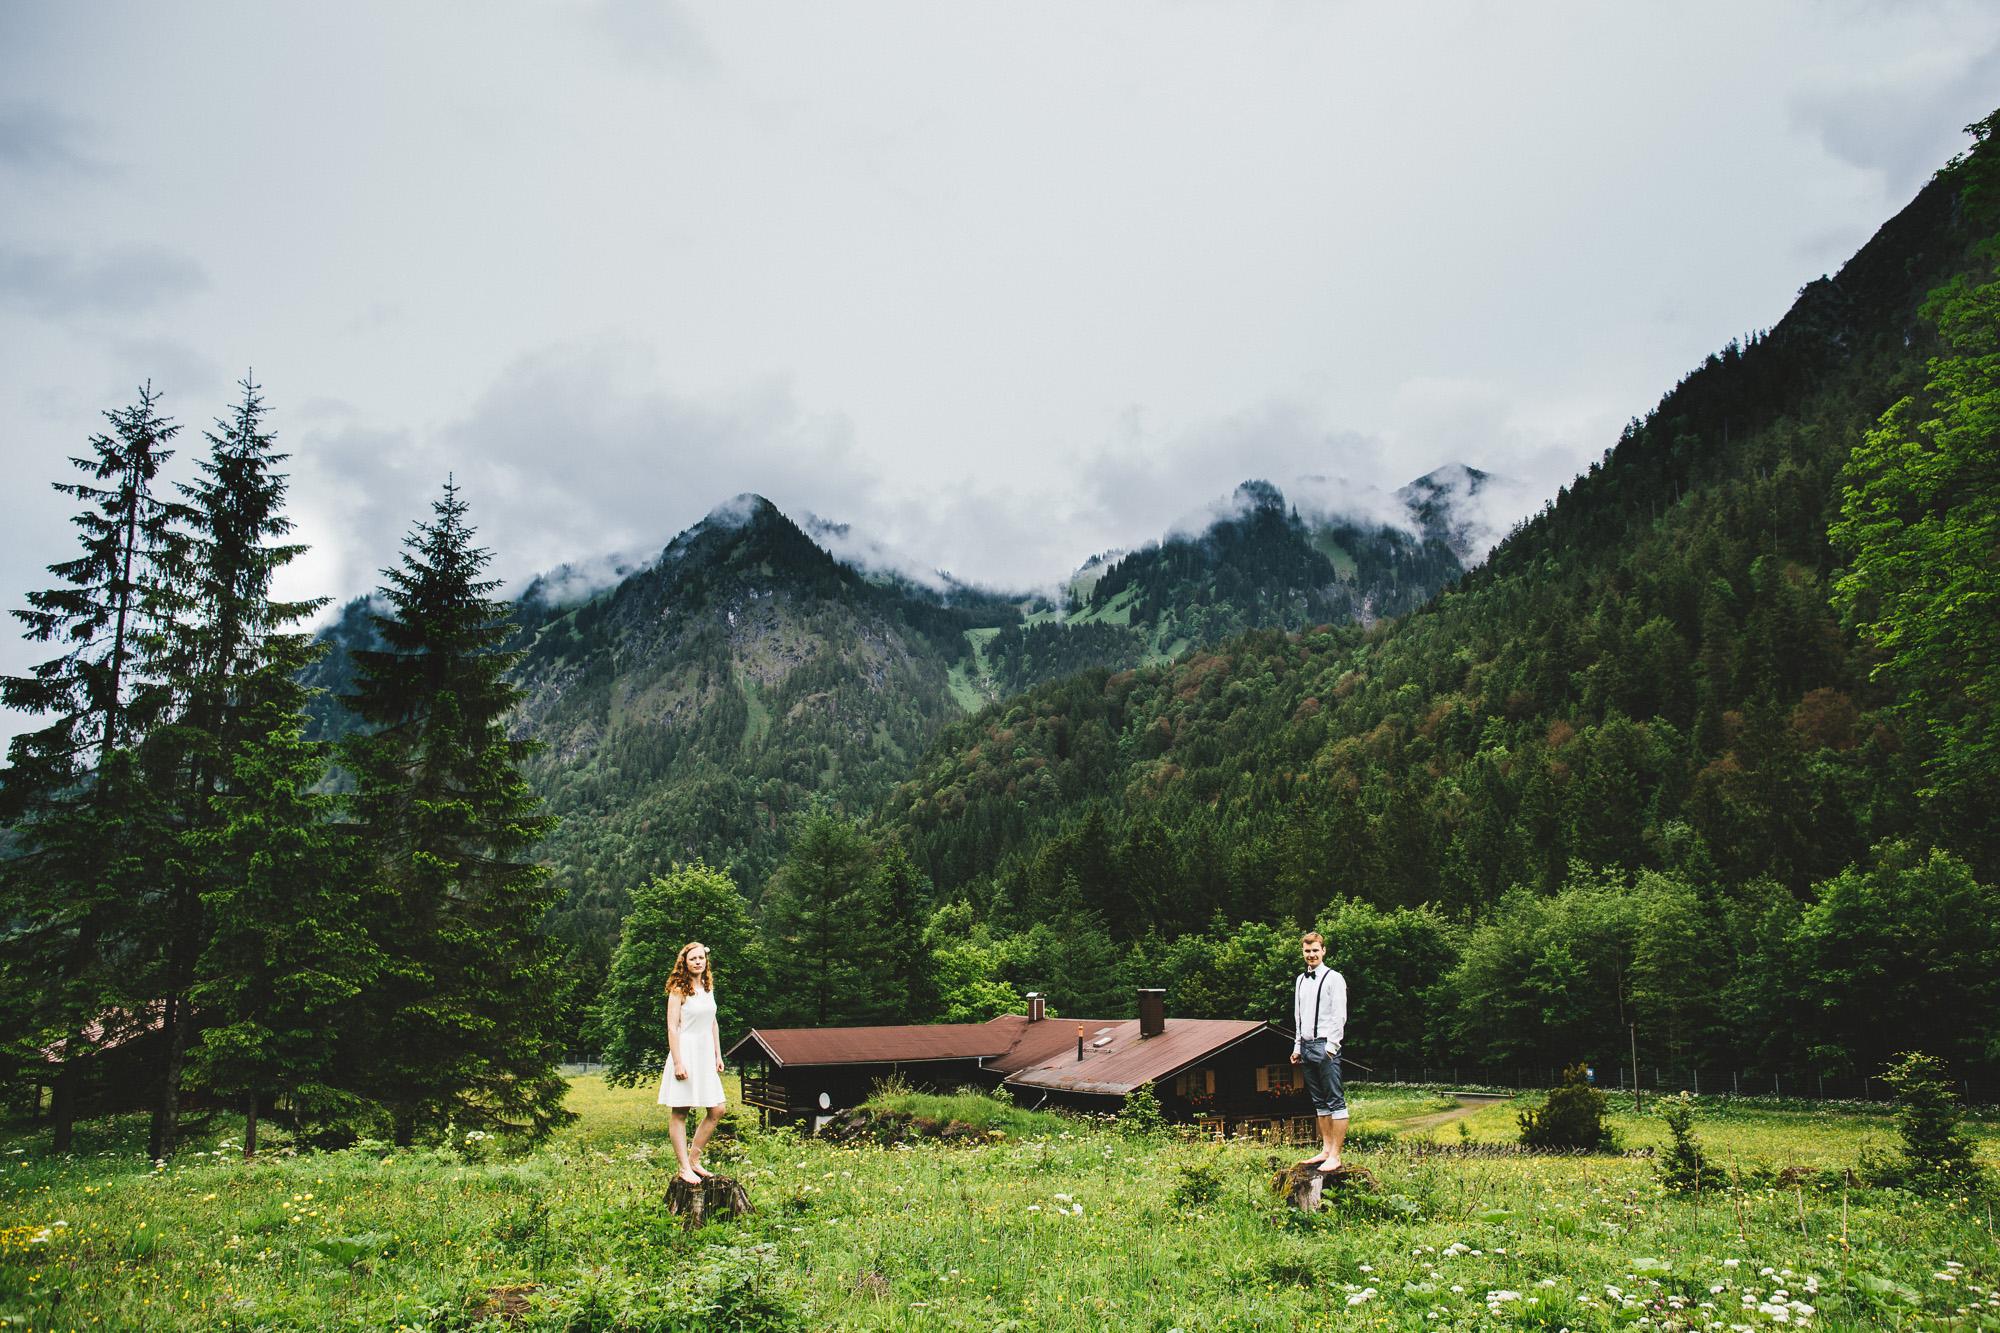 svea und keve 186 - Nur zu zweit in den Bergen